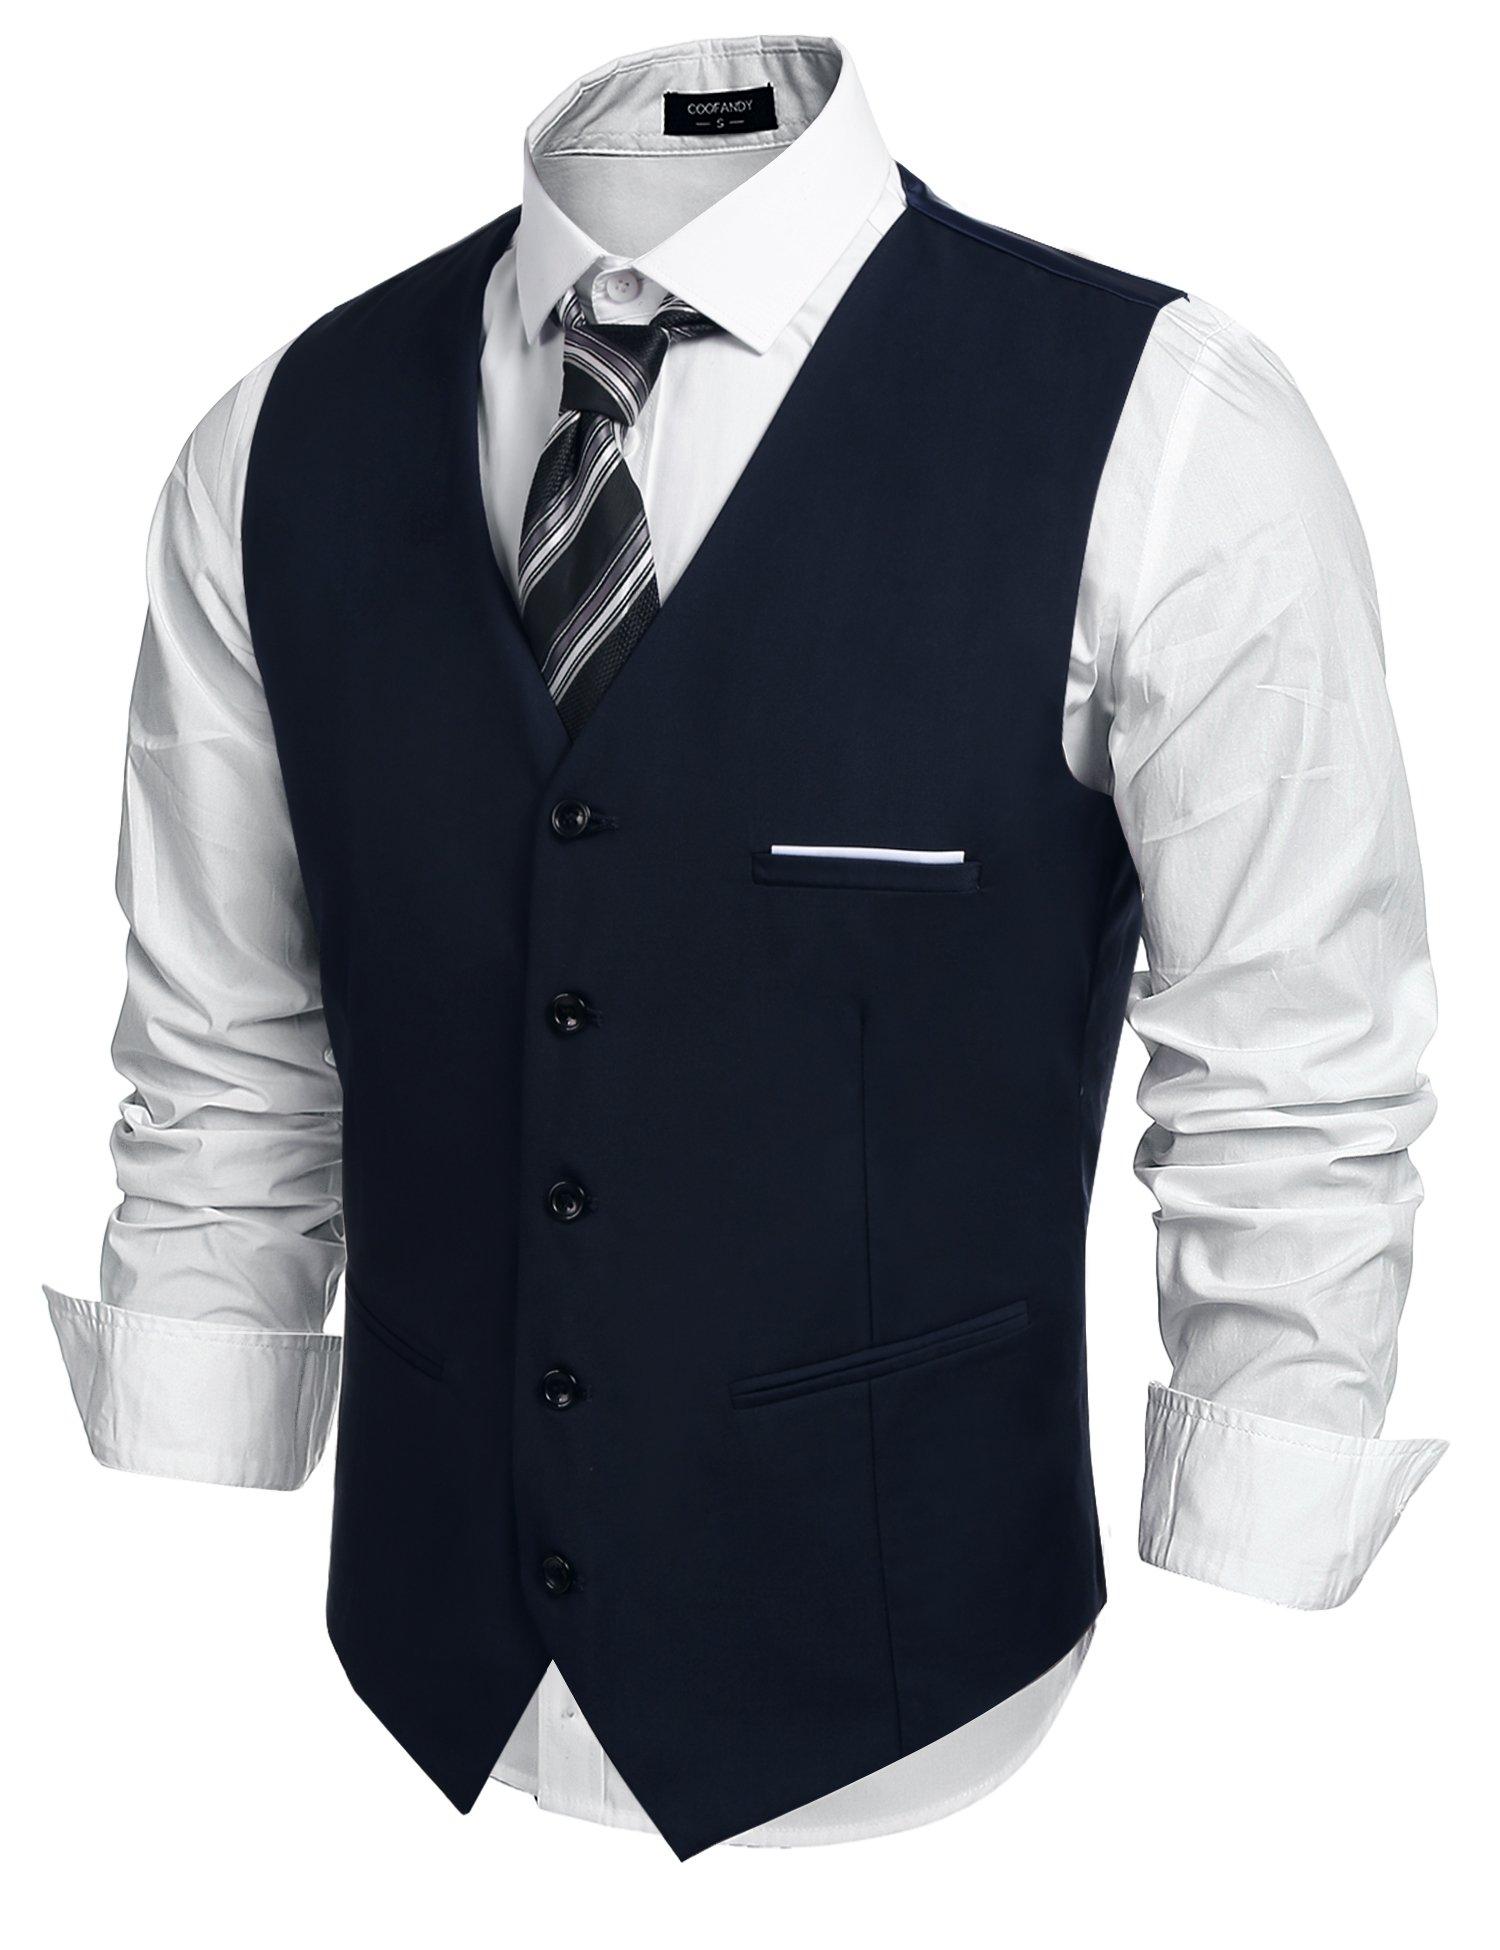 COOFANDY Men's Fashion Formal Slim Fit Business Dress Suit Vest Waistcoat,Navy Blue,Medium ( Chest: 43.3'' )